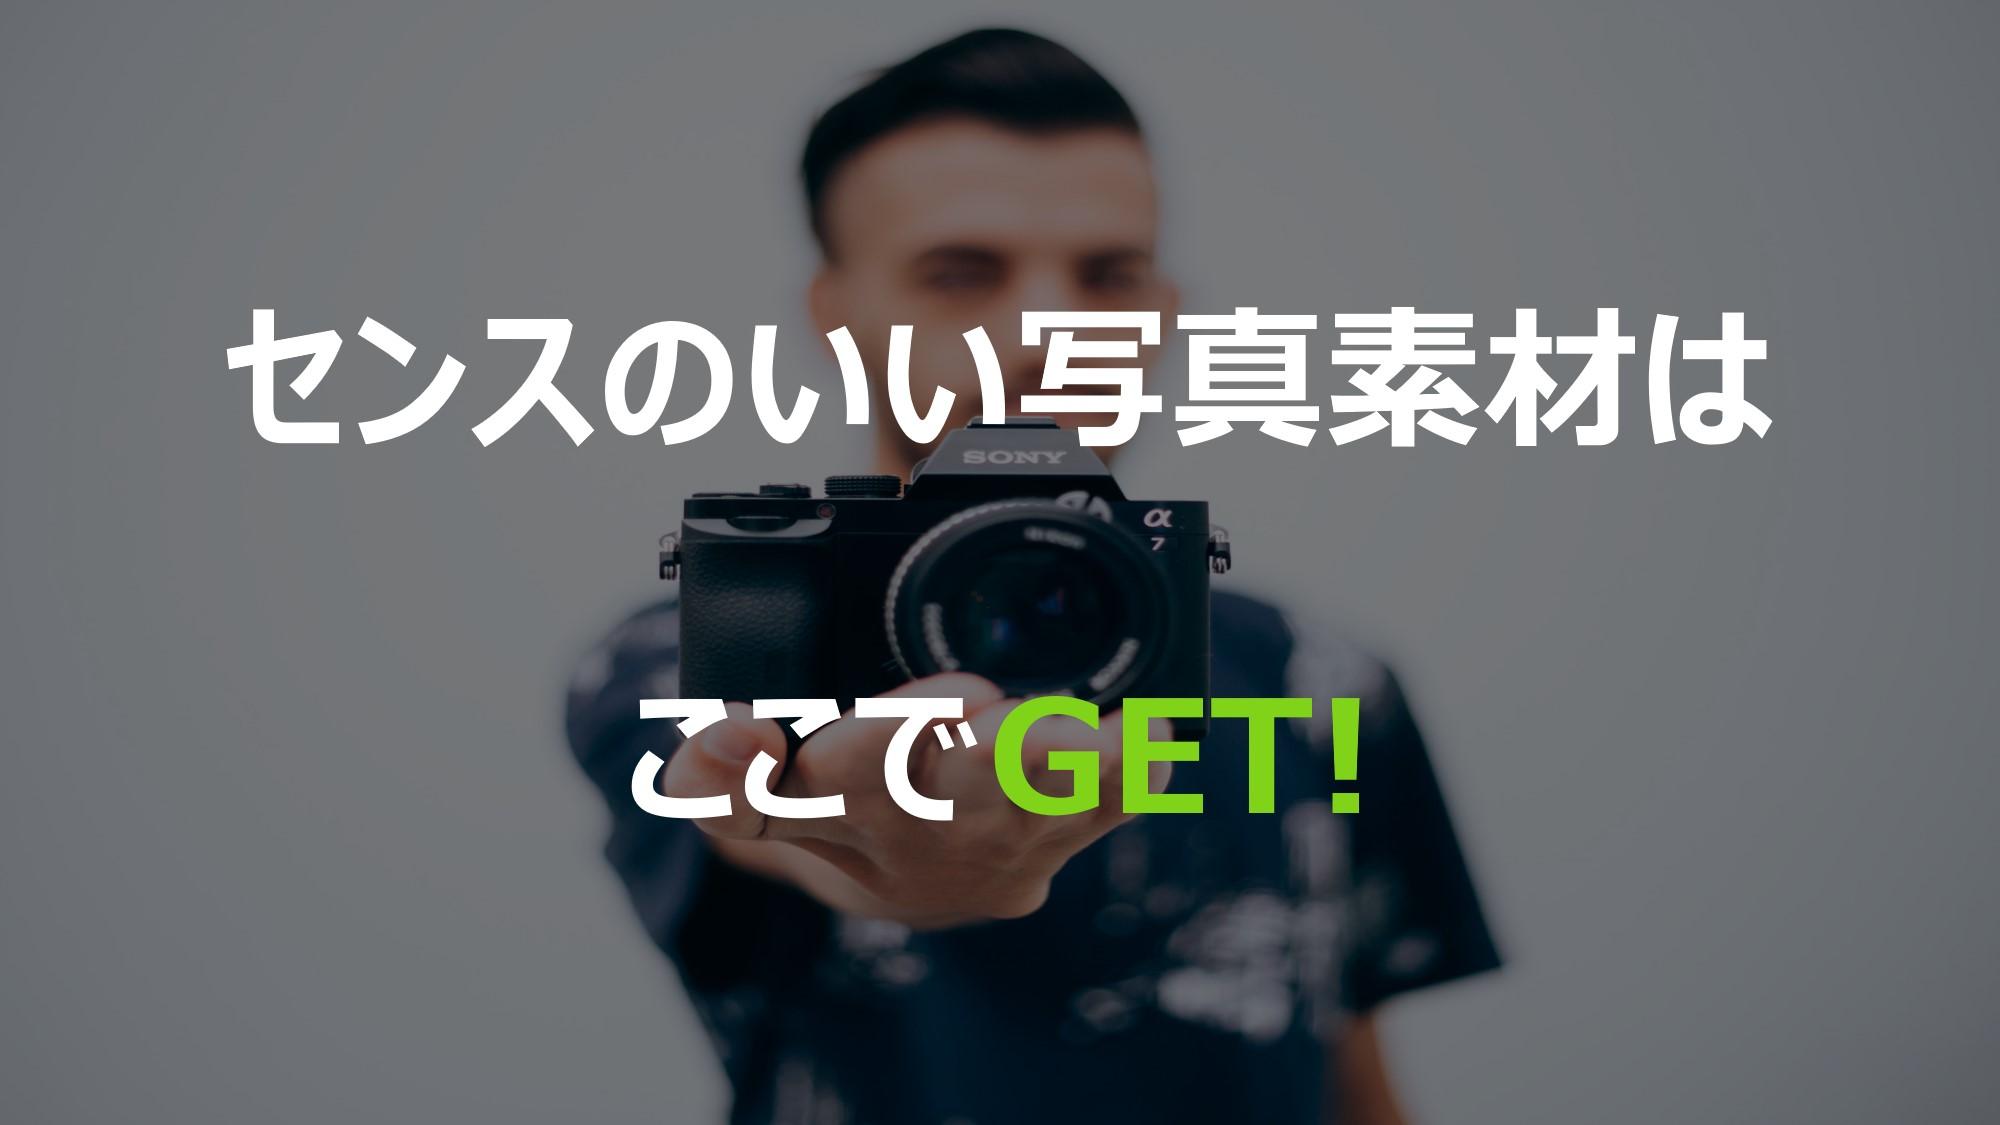 商用利用できるセンスのいい素材画像をダウンロードできるサイト集